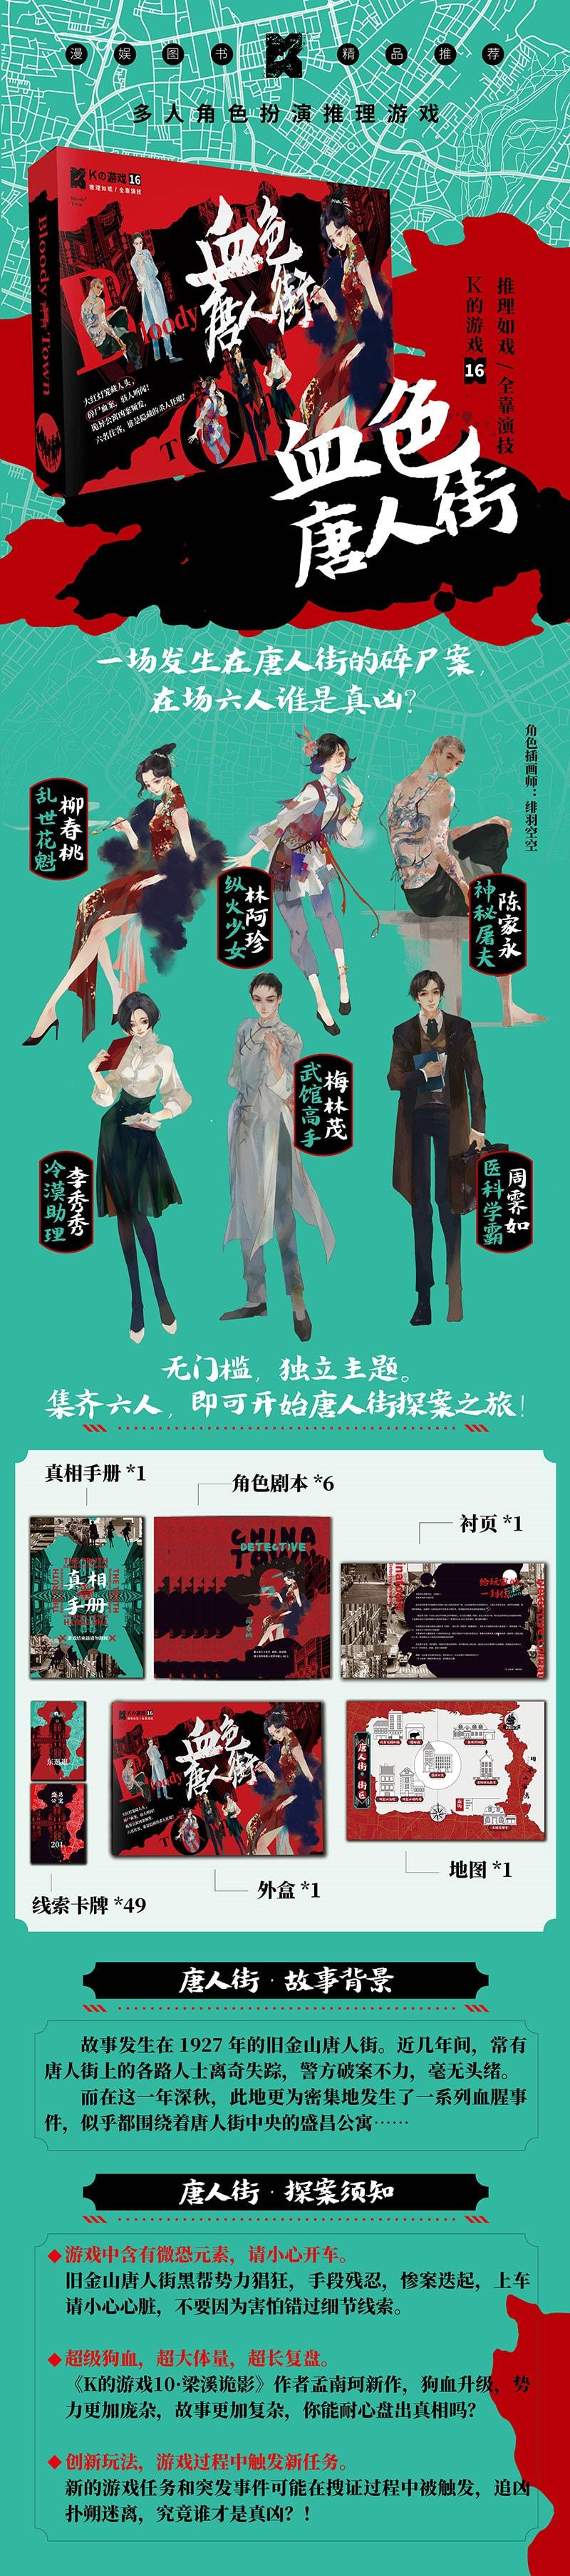 理牢劇本殺團-《K的遊戲》系列 共17本 - 理牢桌遊城-官方網站